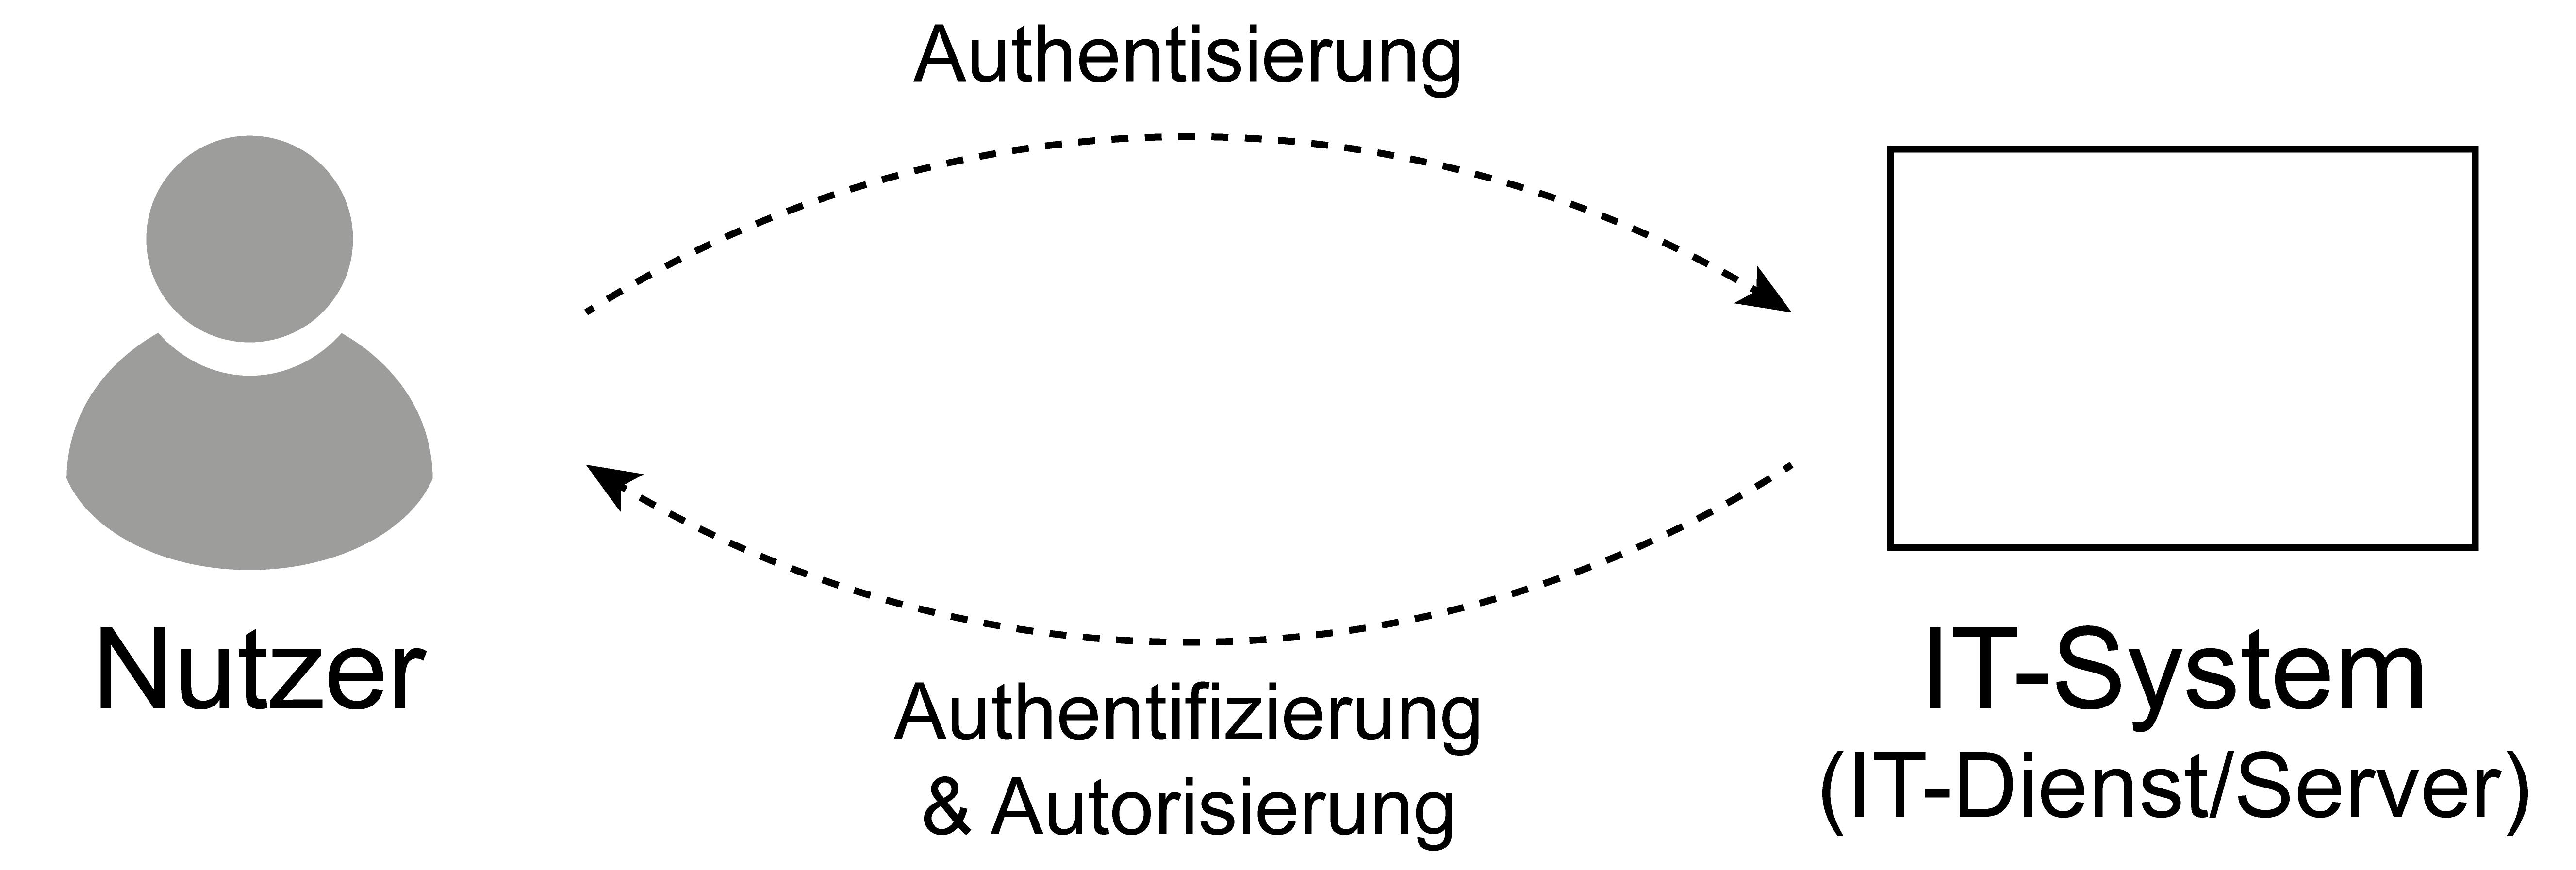 Authentifikation - Authentisierung - Autorisierung – Glossar Cyber-Sicherheit – Prof. Norbert Pohlmann